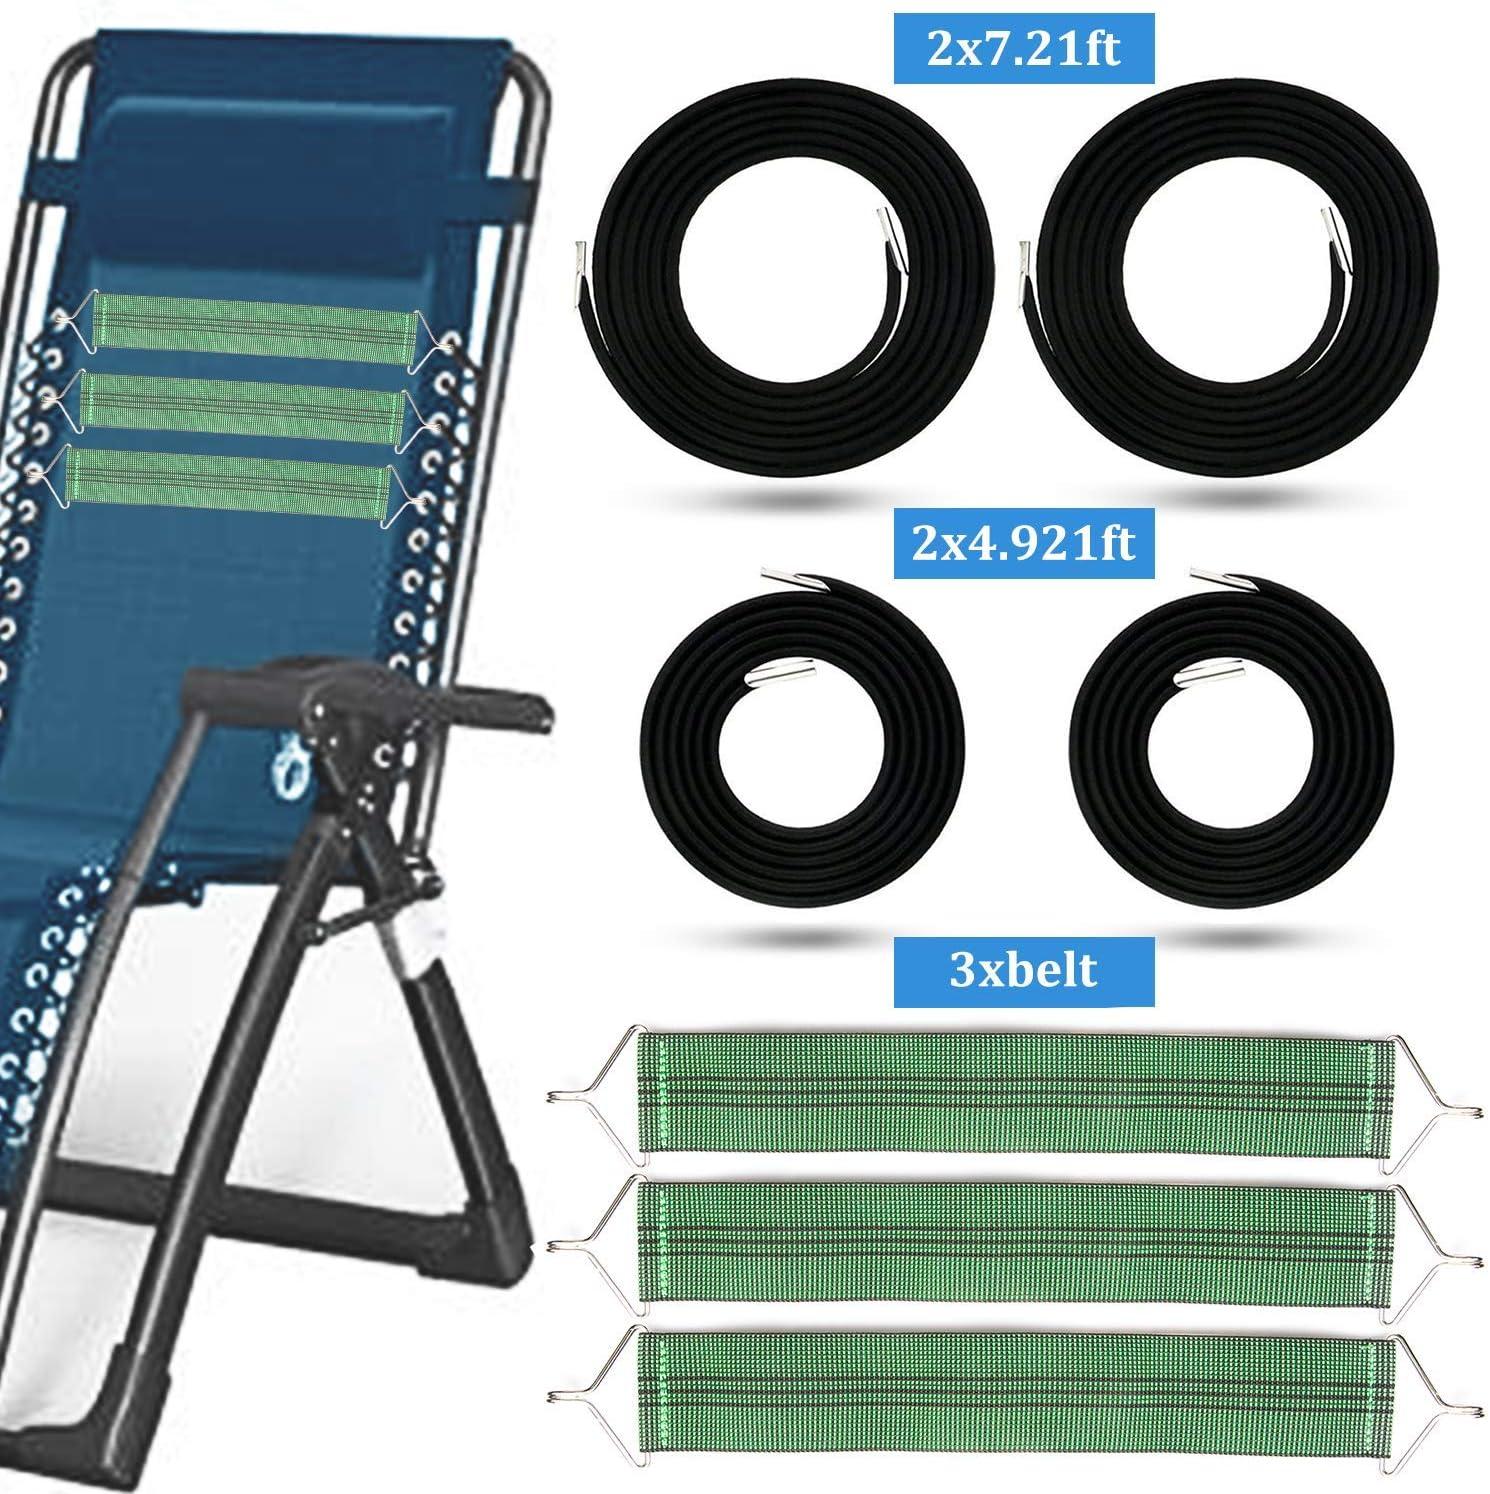 tEEZErshop – Cuerda de goma con 3 bandas de refuerzo para tumbona de relax, tumbona de jardín, tumbona de playa, juego de 4 cuerdas con cordón elástico (2 cordones largos y 2 cortos)